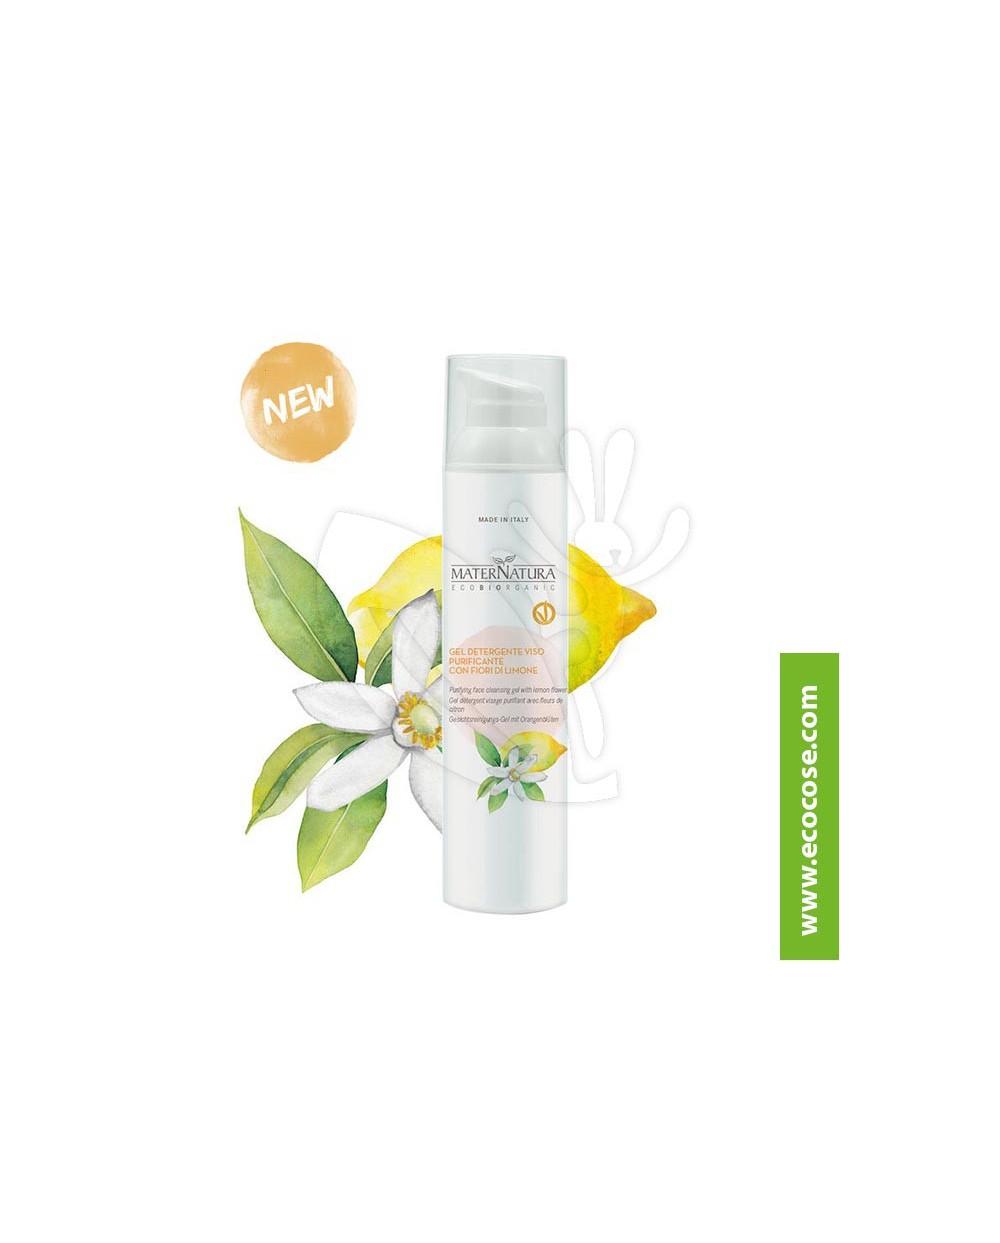 Maternatura - Gel detergente viso purificante con fiori di limone